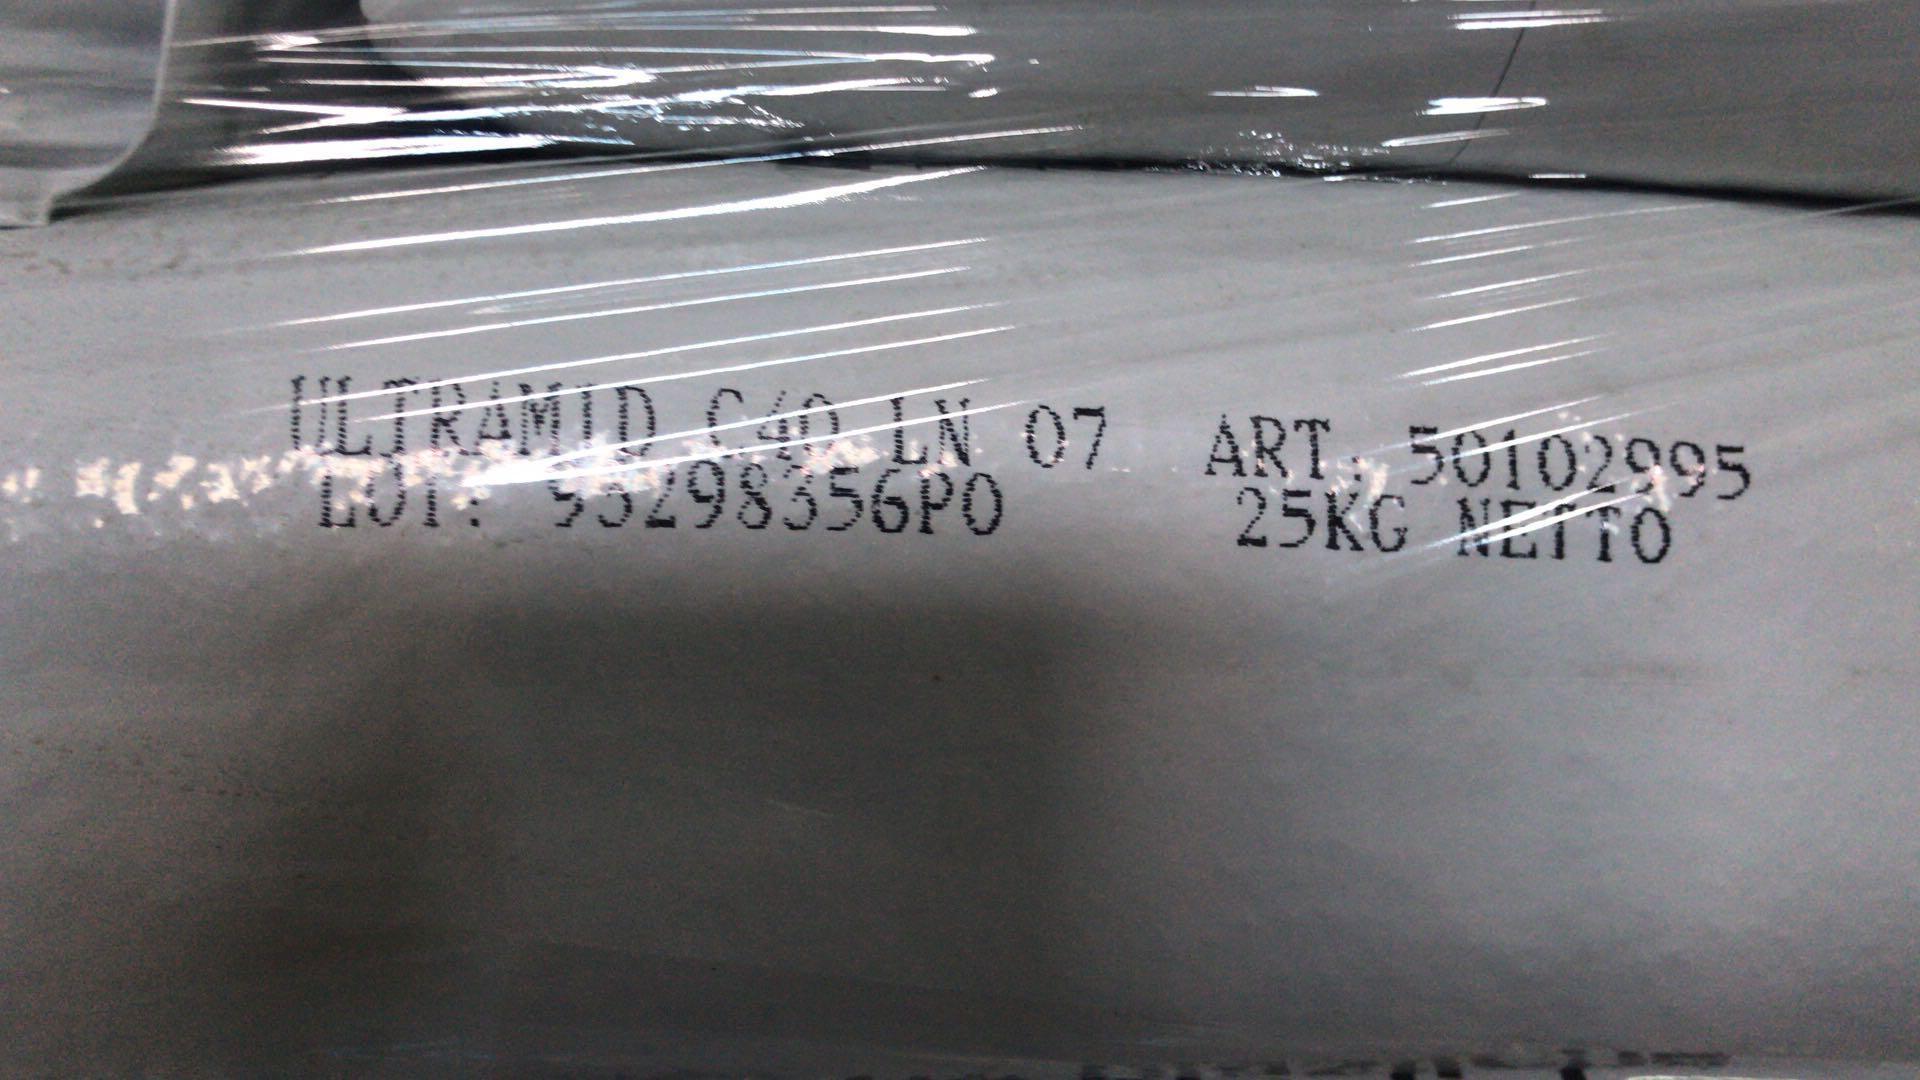 Ultramid C40 LN07